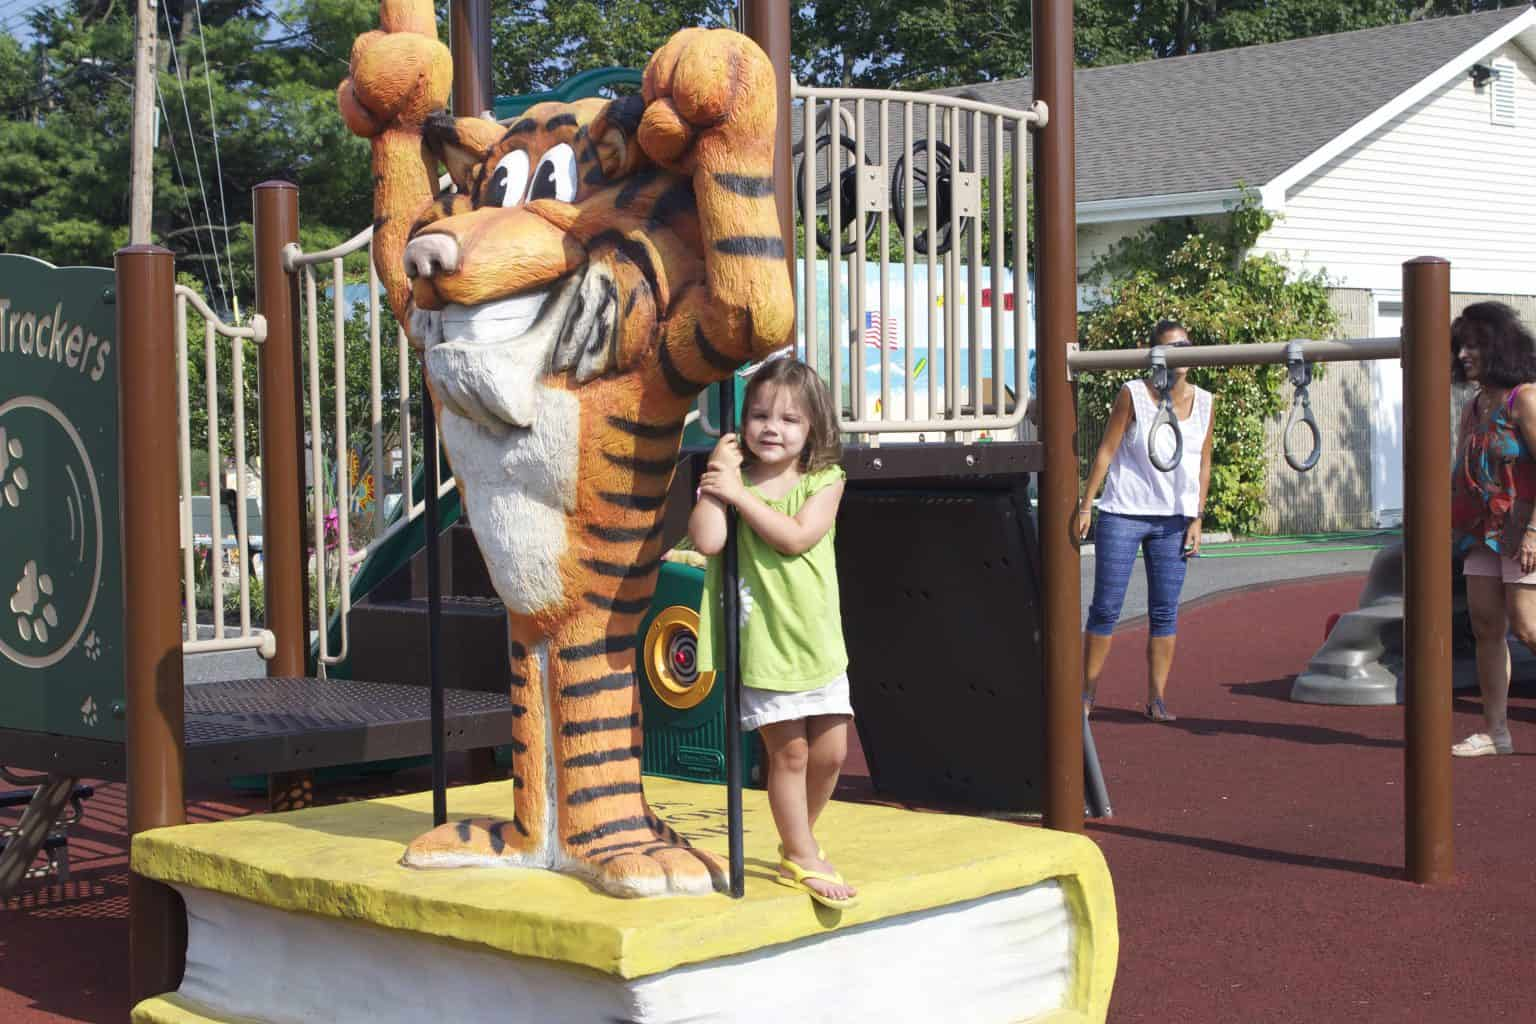 mountz-elementary-playground-spring-lake-nj_11653969963_o-1536x1024